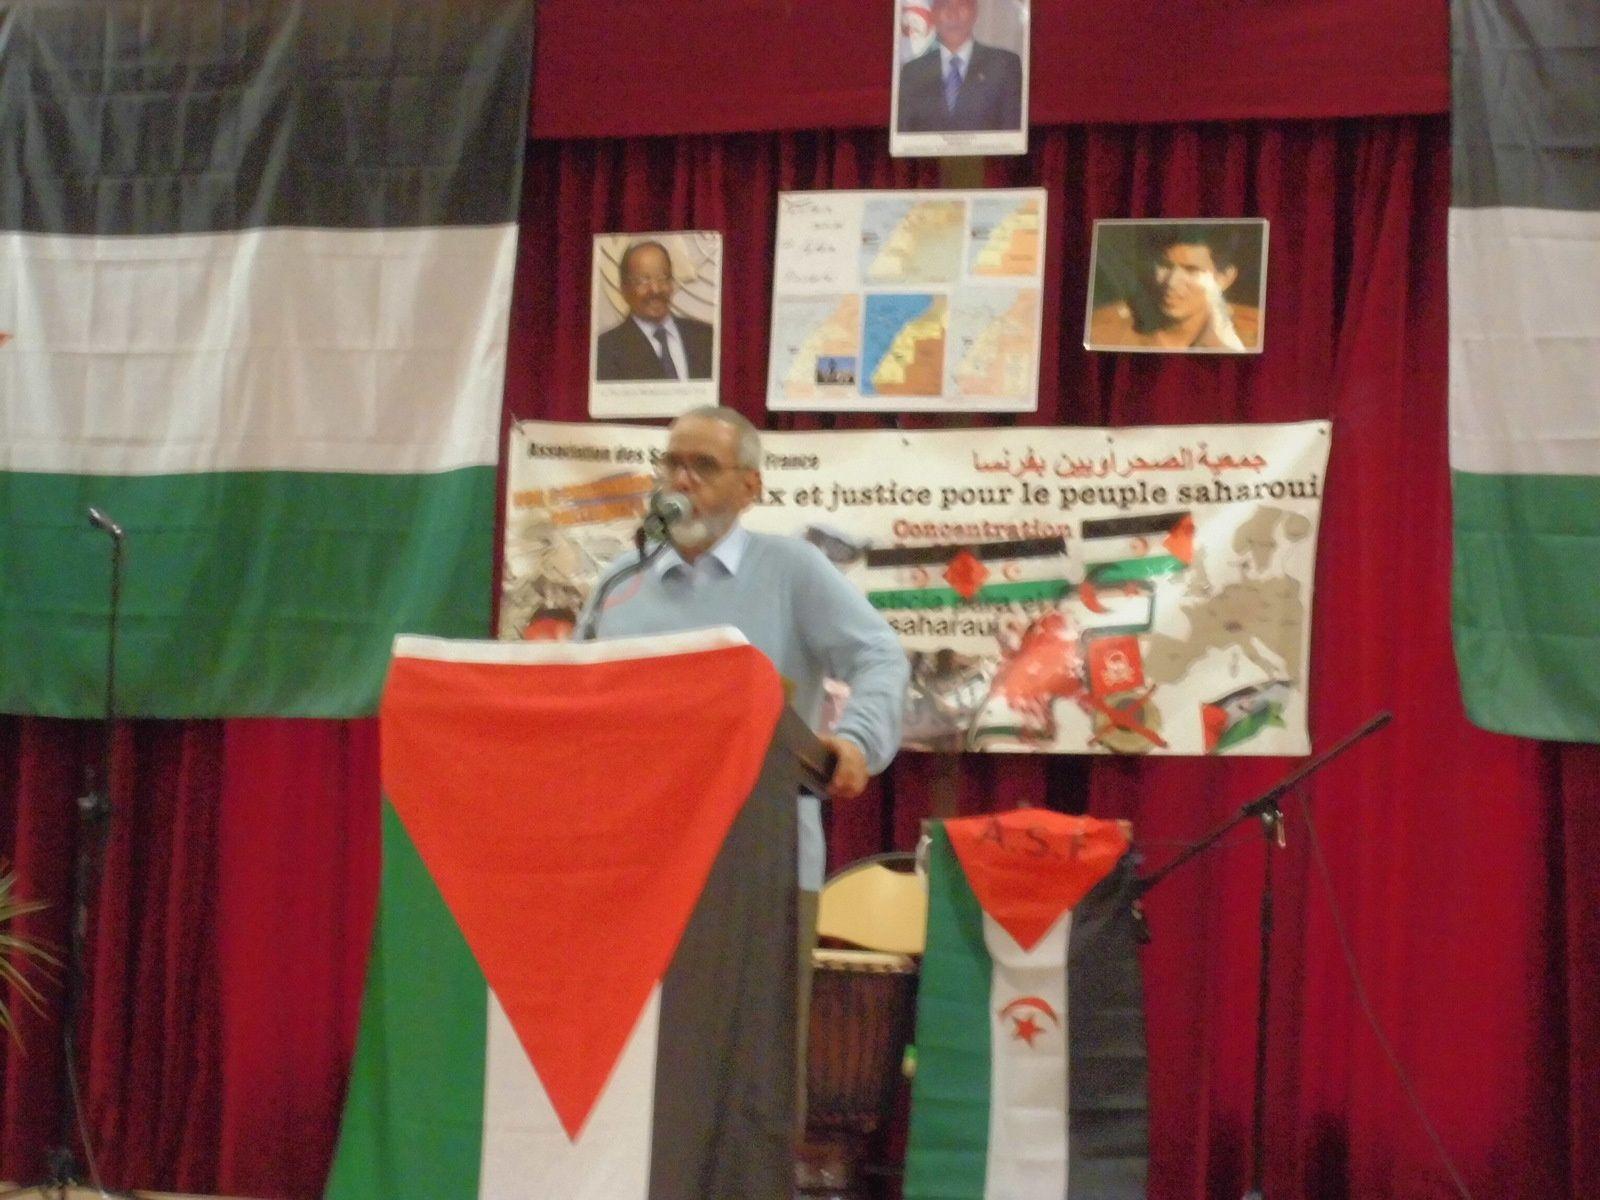 Les Mureaux. 43° anniversaire de la proclamation de la République Sahraouie